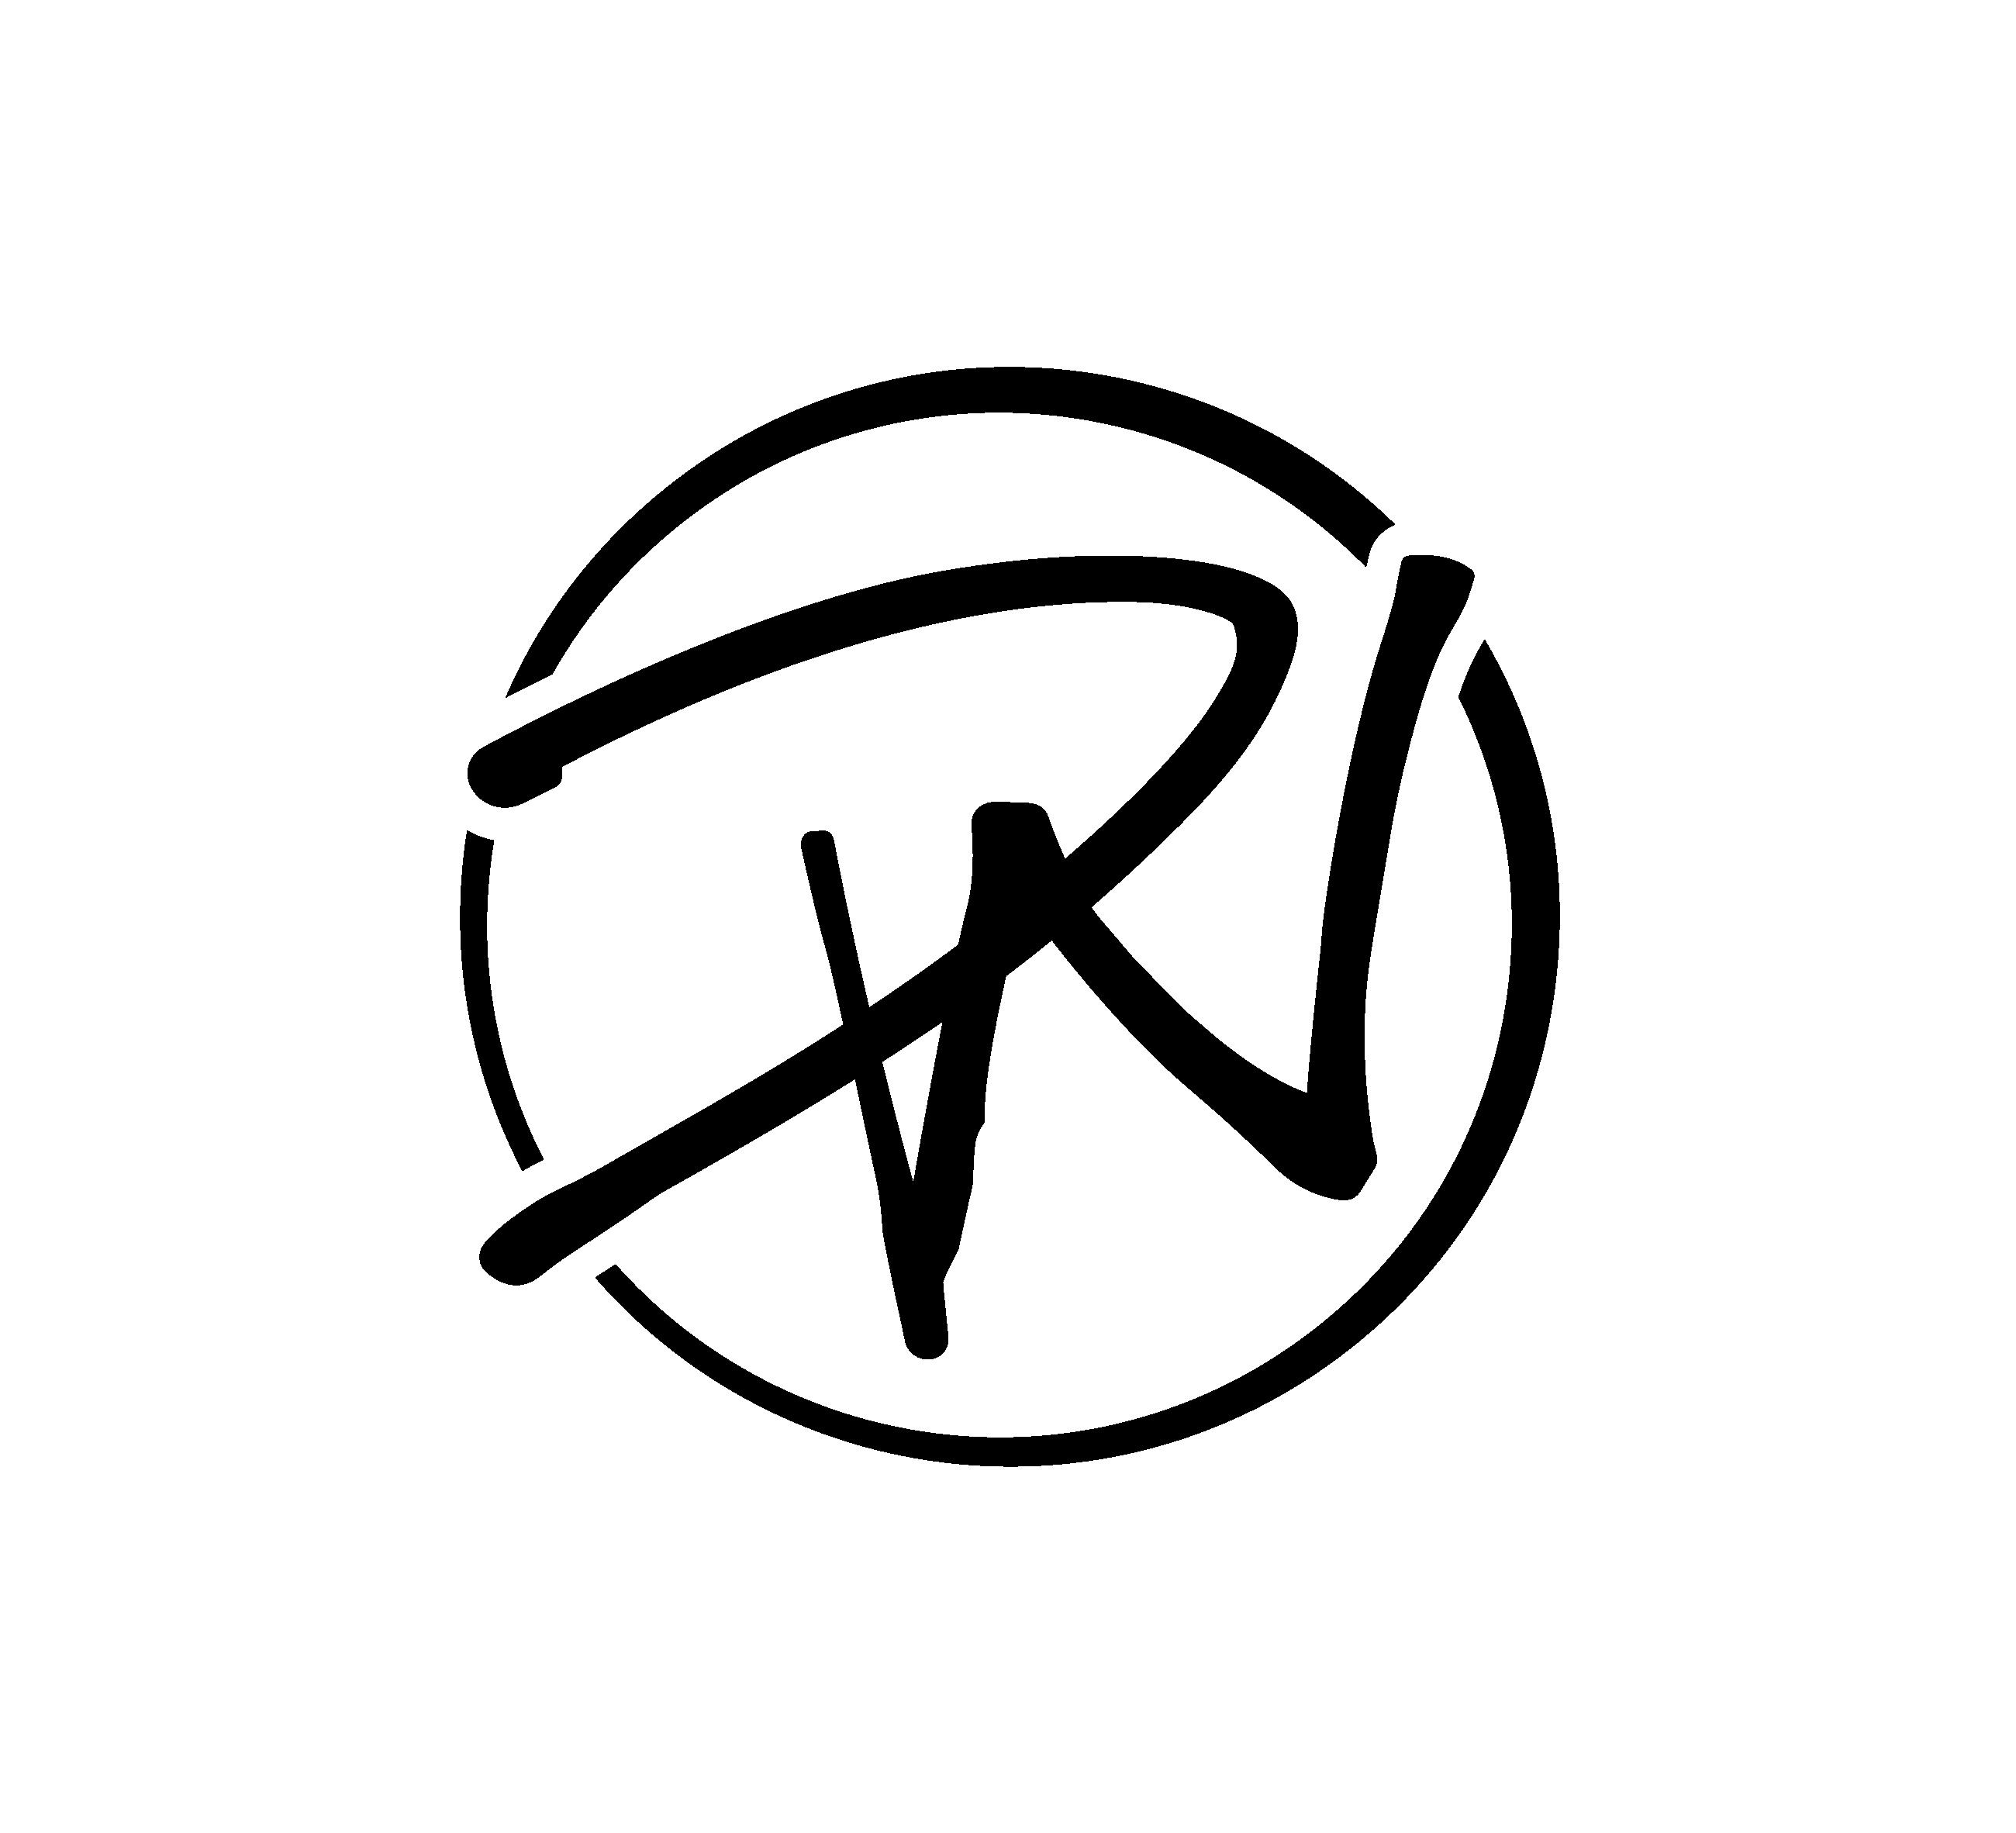 Setup_logo_frandsen_final_bomærke m respektafstand